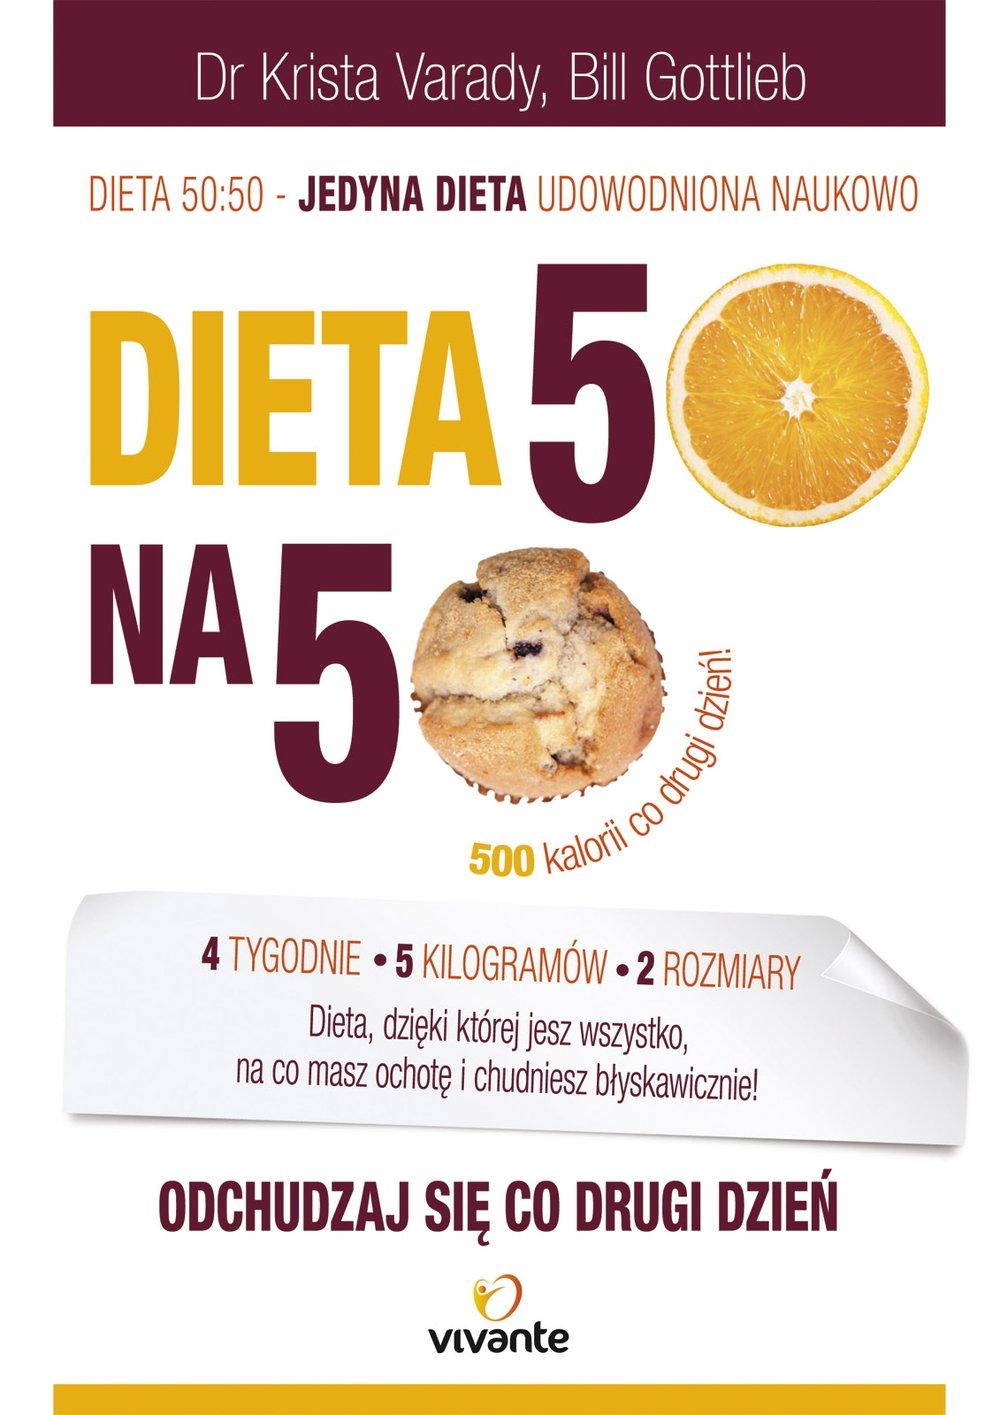 Dieta 50:50. Odchudzaj się co drugi dzień! - Ebook (Książka na Kindle) do pobrania w formacie MOBI